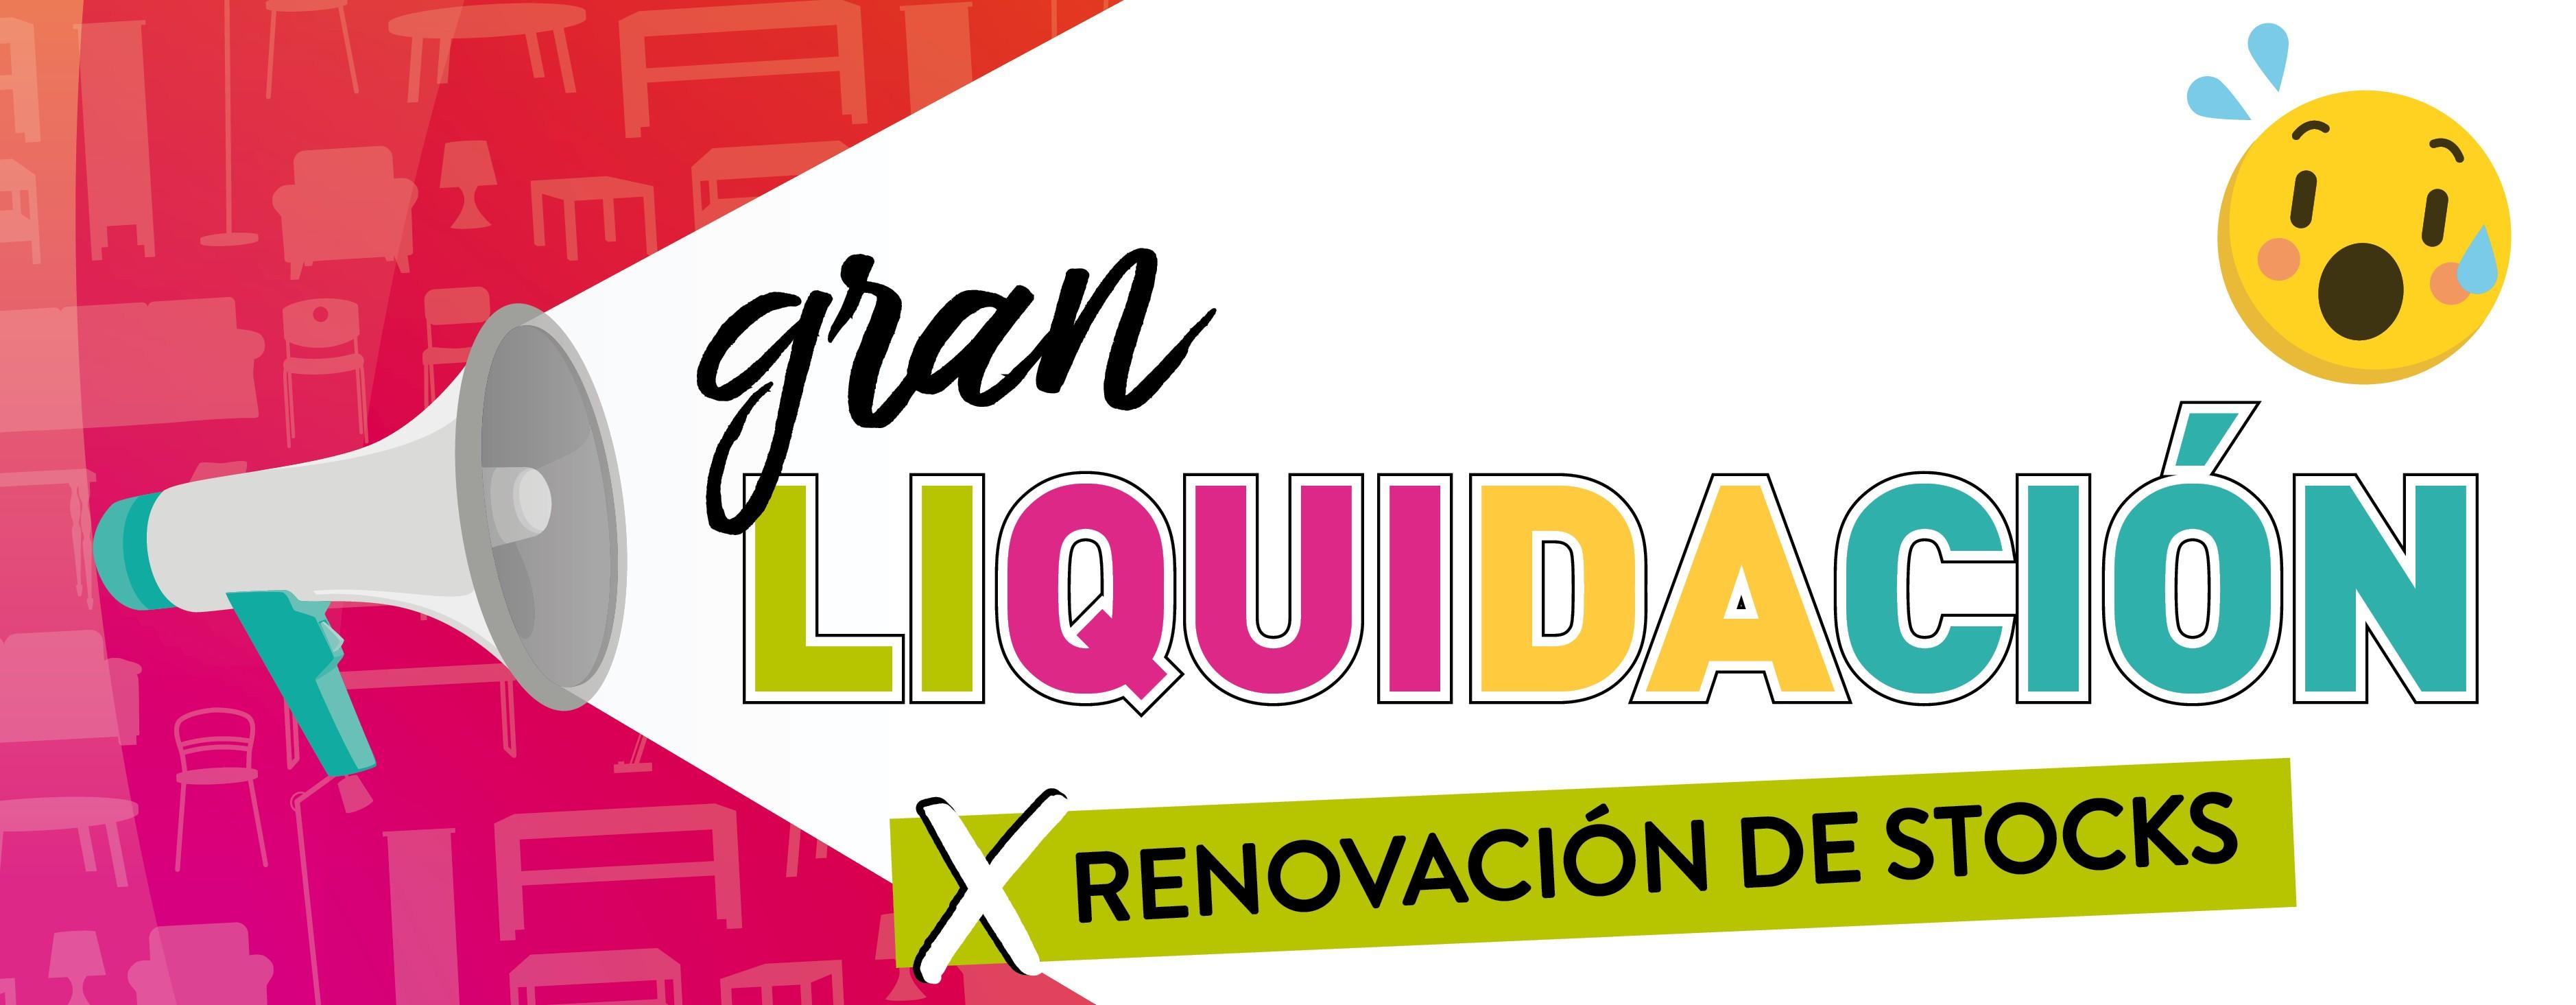 Tienda De Muebles En Ferrerias Menorca Outlet Mobles All S # Muebles Sabadell Liquidacion